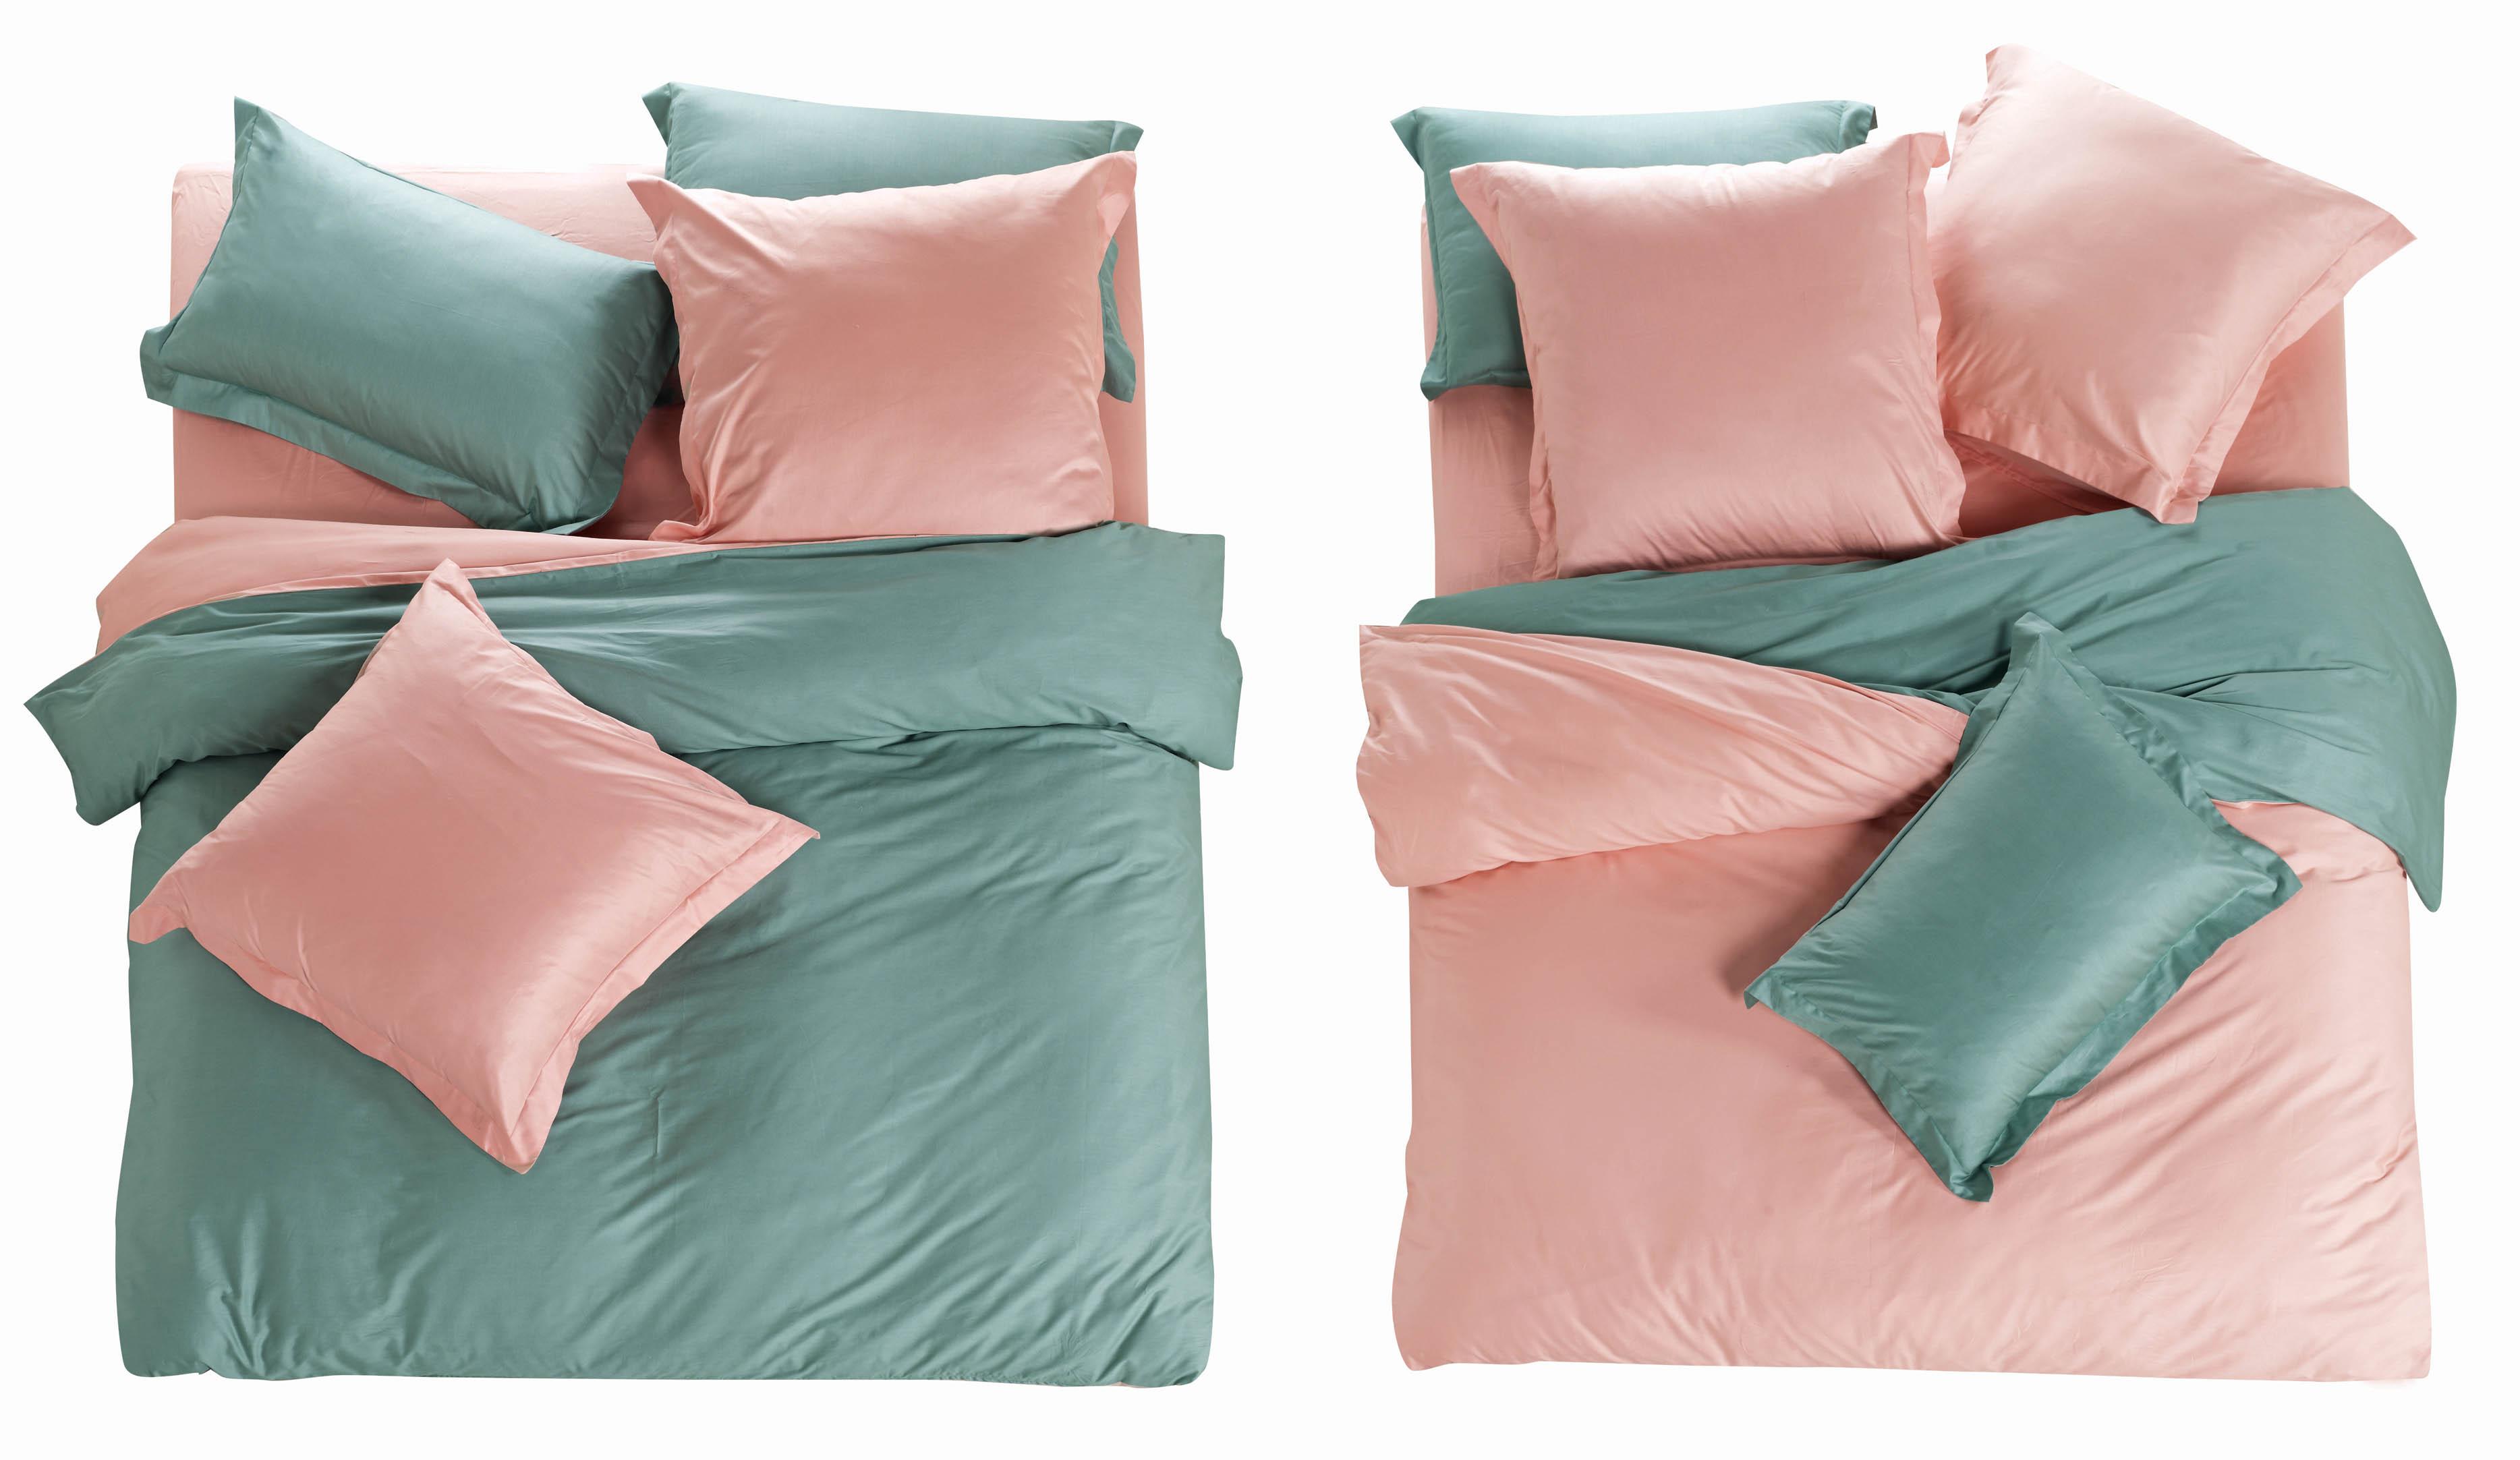 Комплекты постельного белья СайлиД, Постельное белье Natalee L- 3 (2 сп. евро), Китай, Розовый, Серый, Хлопковый сатин  - Купить